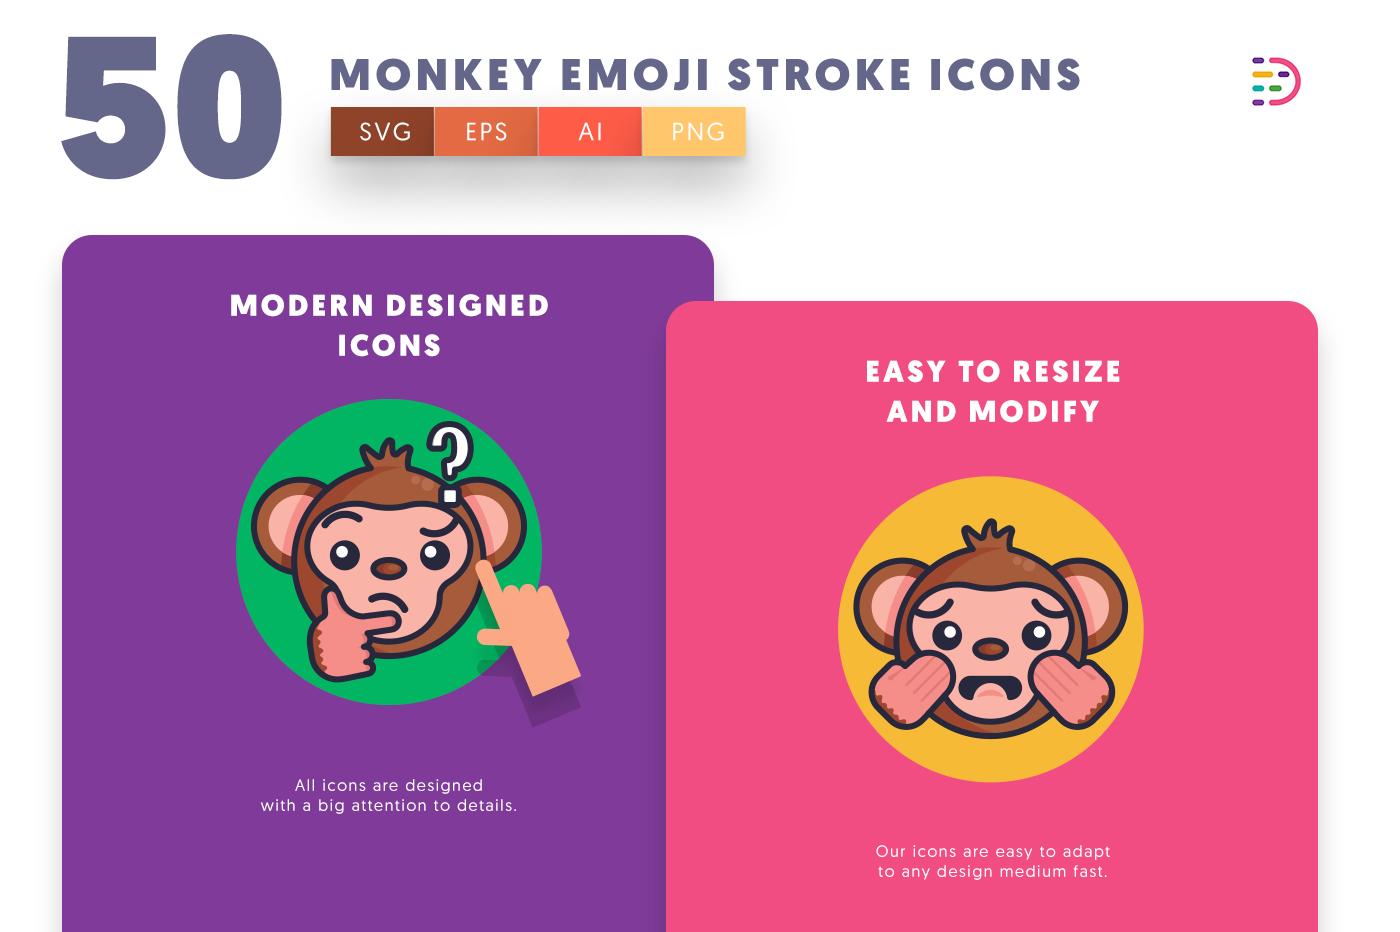 Monkey Emoji Stroke icons png/svg/eps